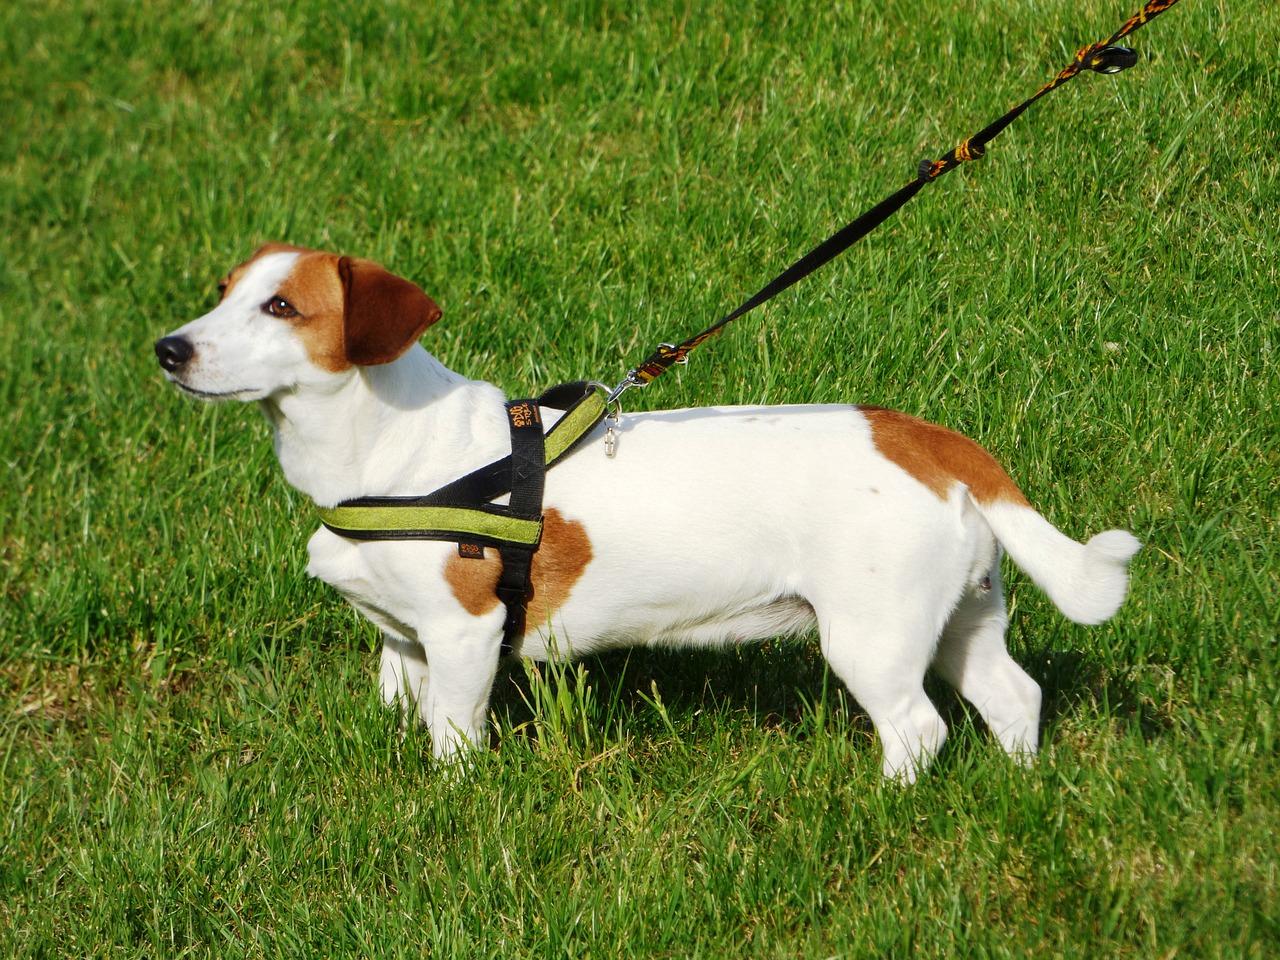 絶対にやっておくべき犬のしつけ方!犬のしつけ方を徹底解説!